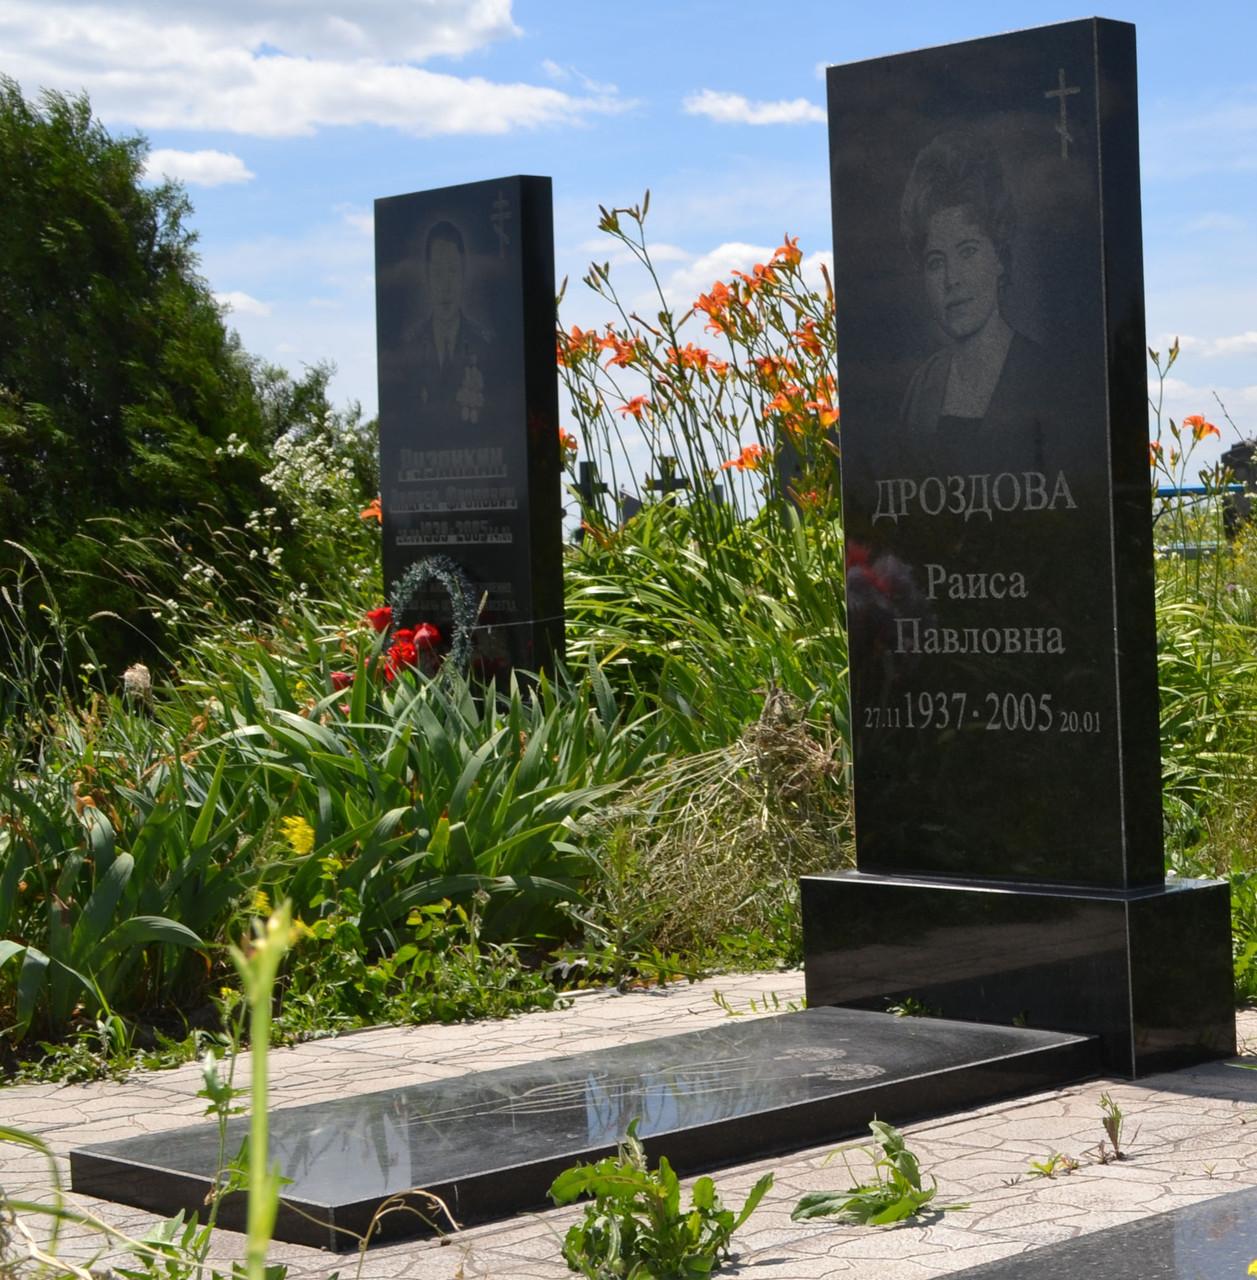 Цена на памятники на фото 4 кв м цена на памятники белгорода цены без посредников